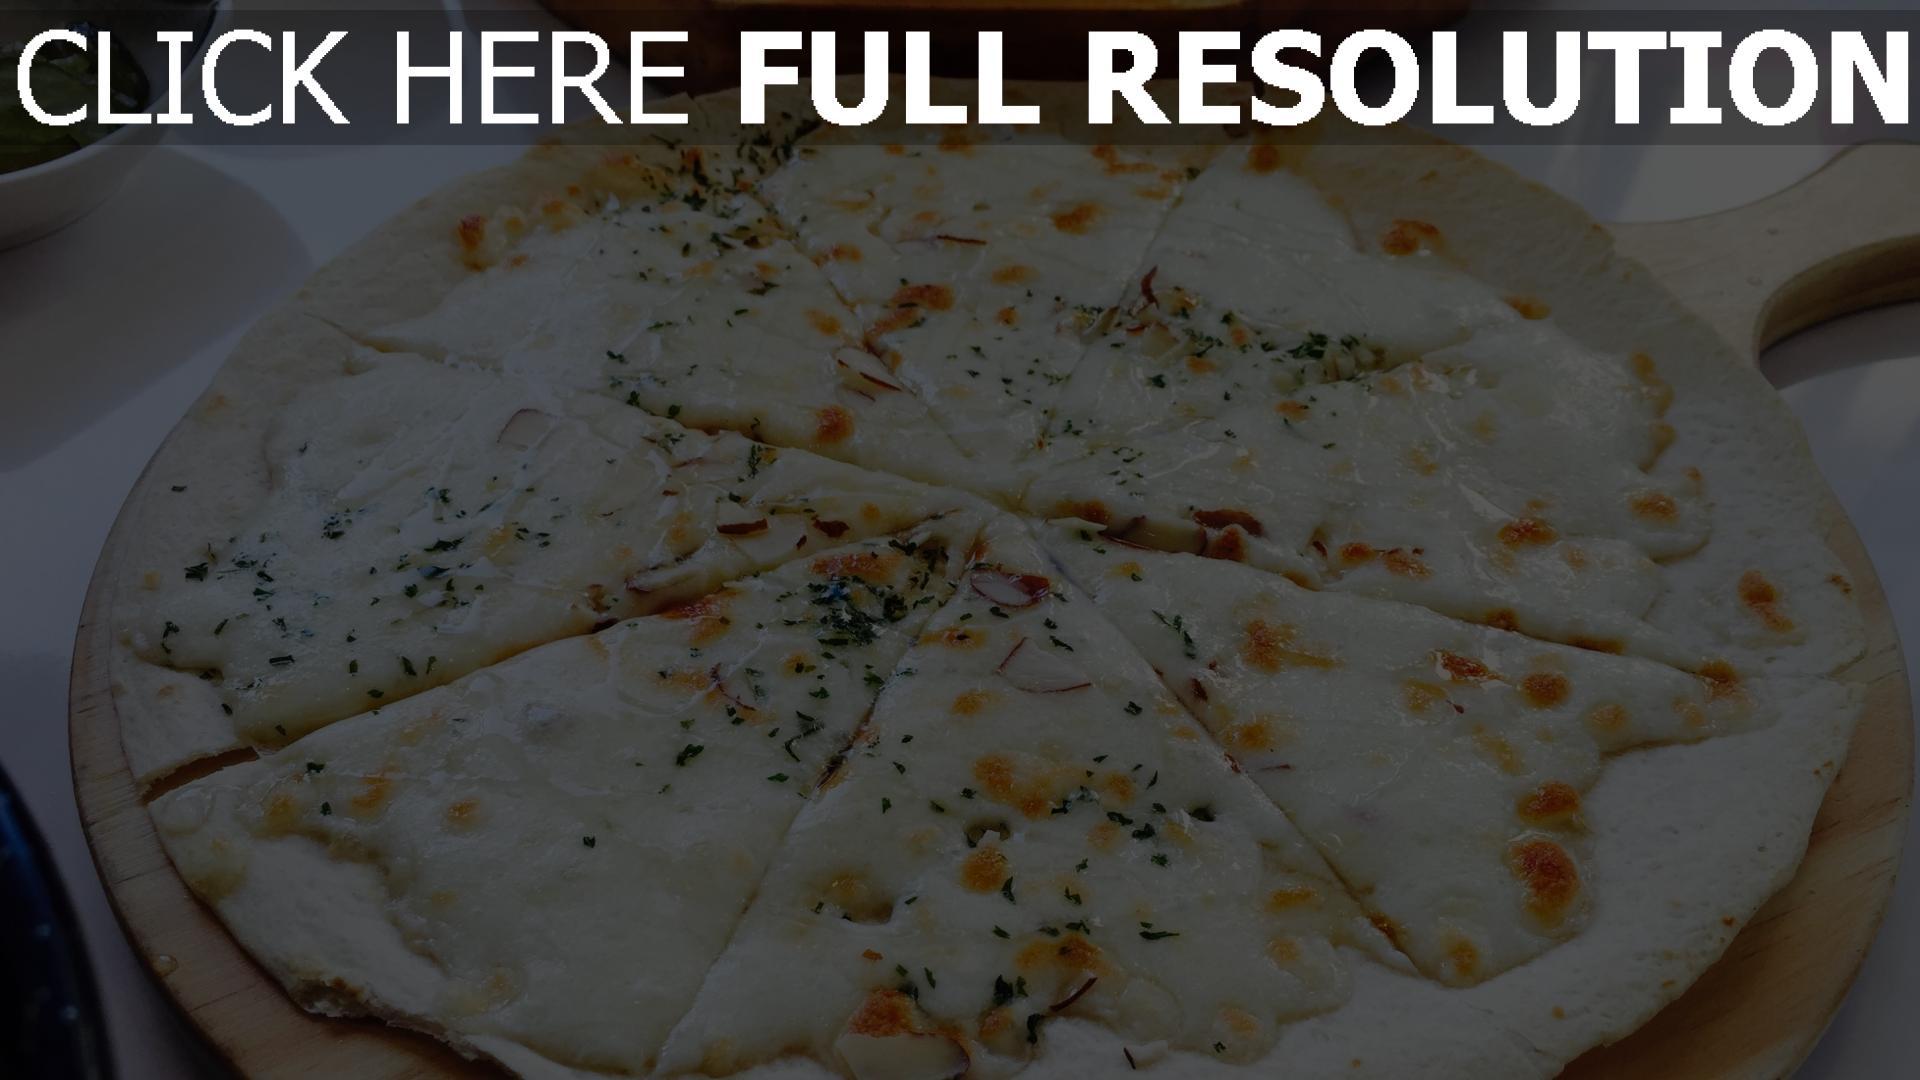 Küche Italienisch | Hd Hintergrundbilder Kase Kuche Italienisch Gorgonzola Pizza